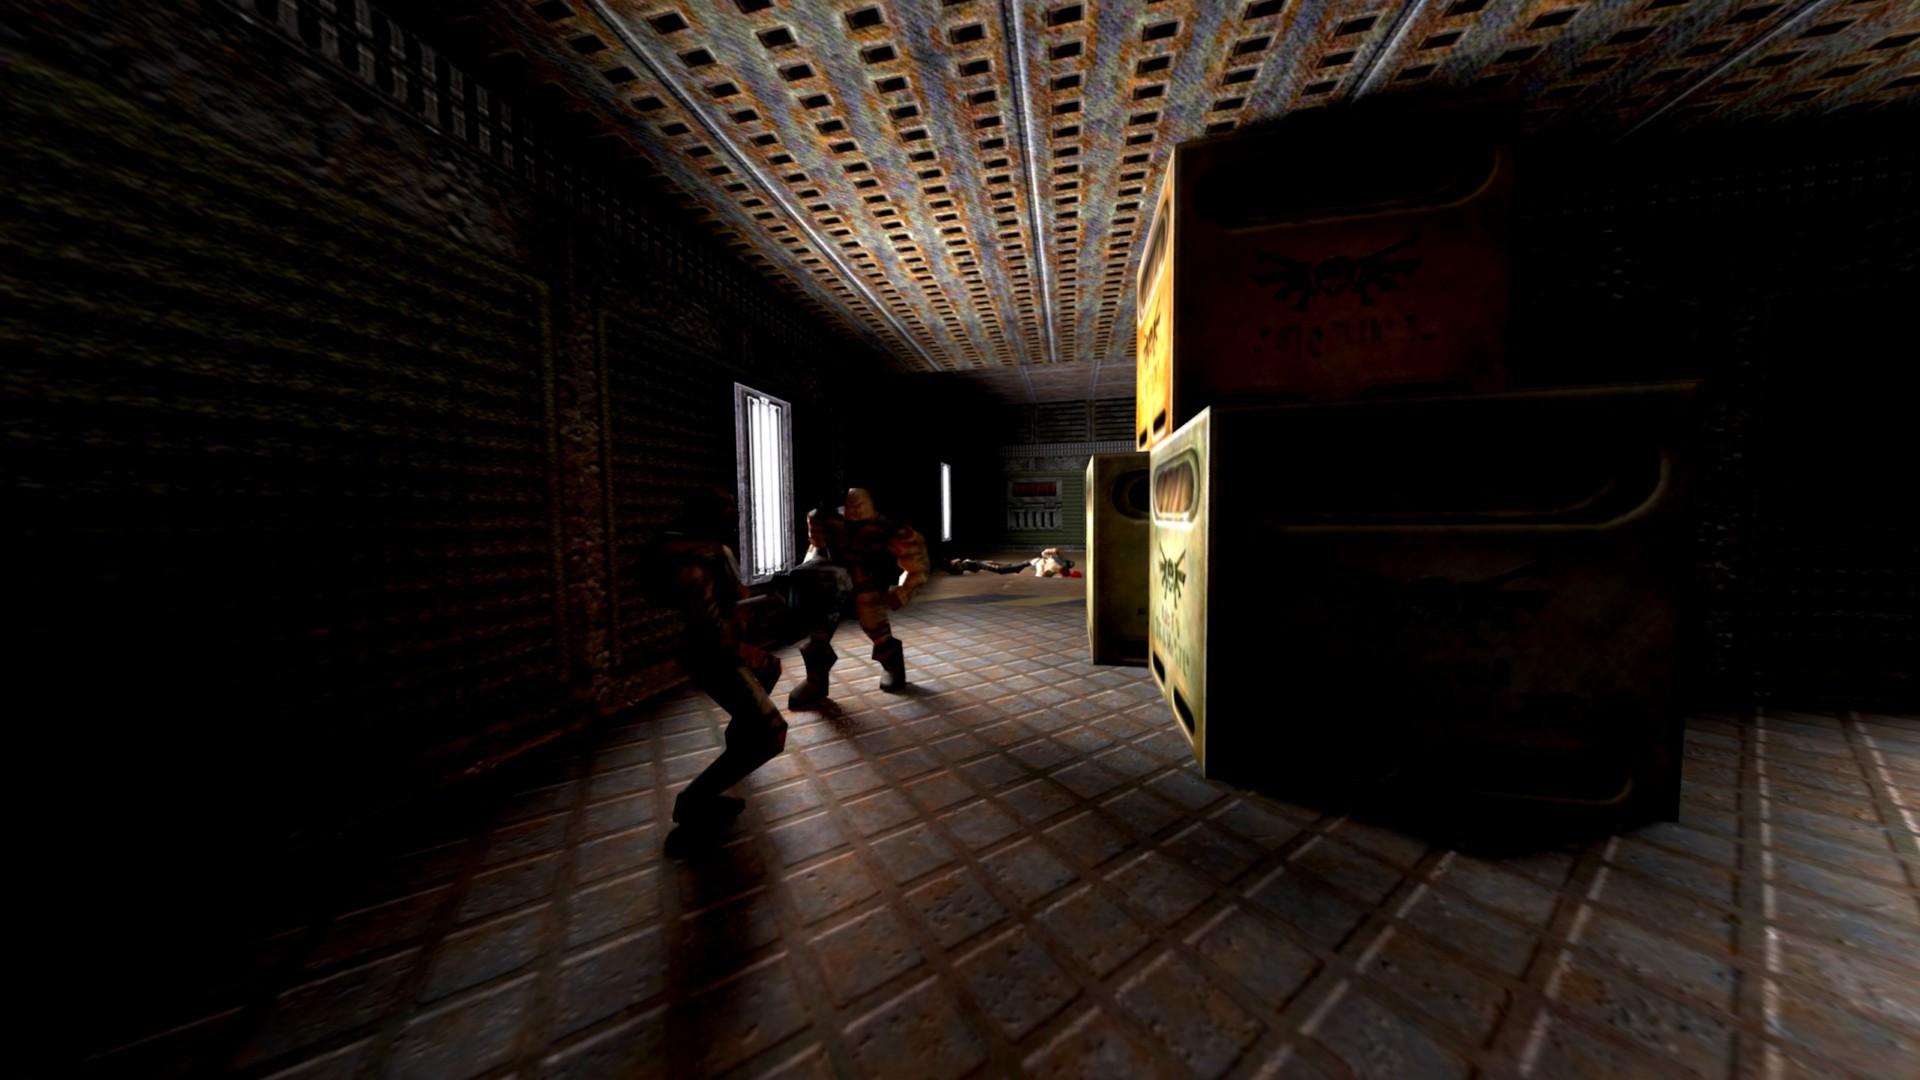 Quake 2 ahora se puede jugar con Ray Tracing en tiempo real gracias al mod 'Q2VKPT' y las GeForce RTX